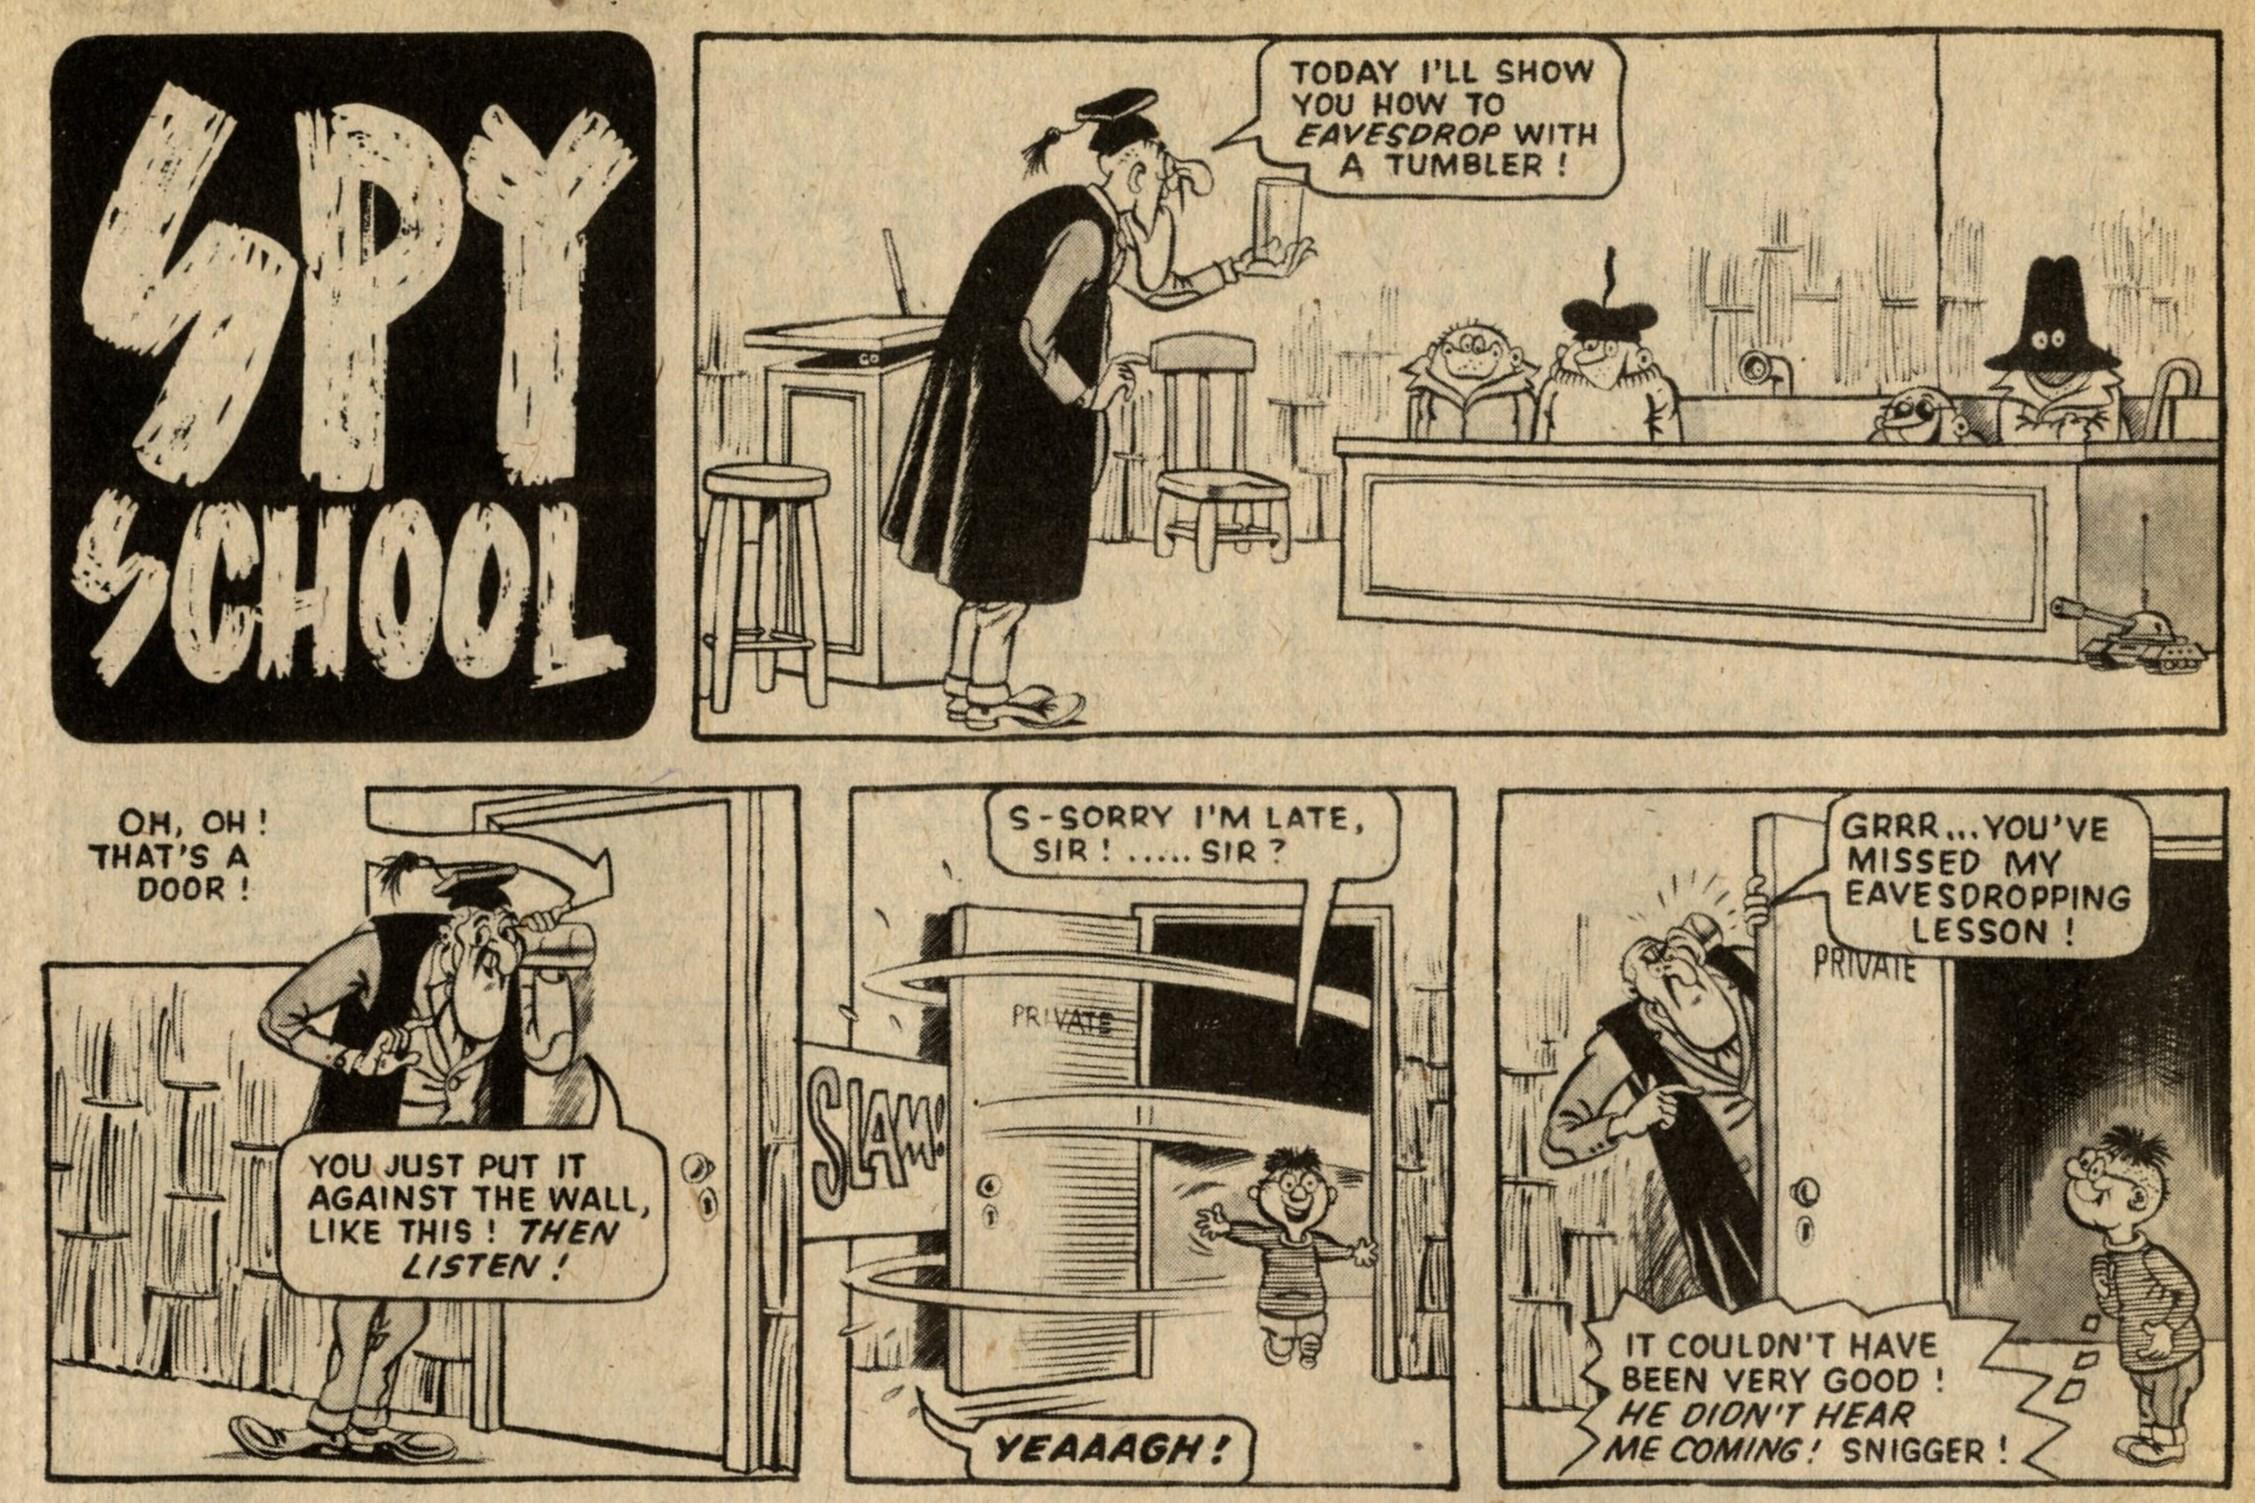 Spy School: Graham Allen (artist)